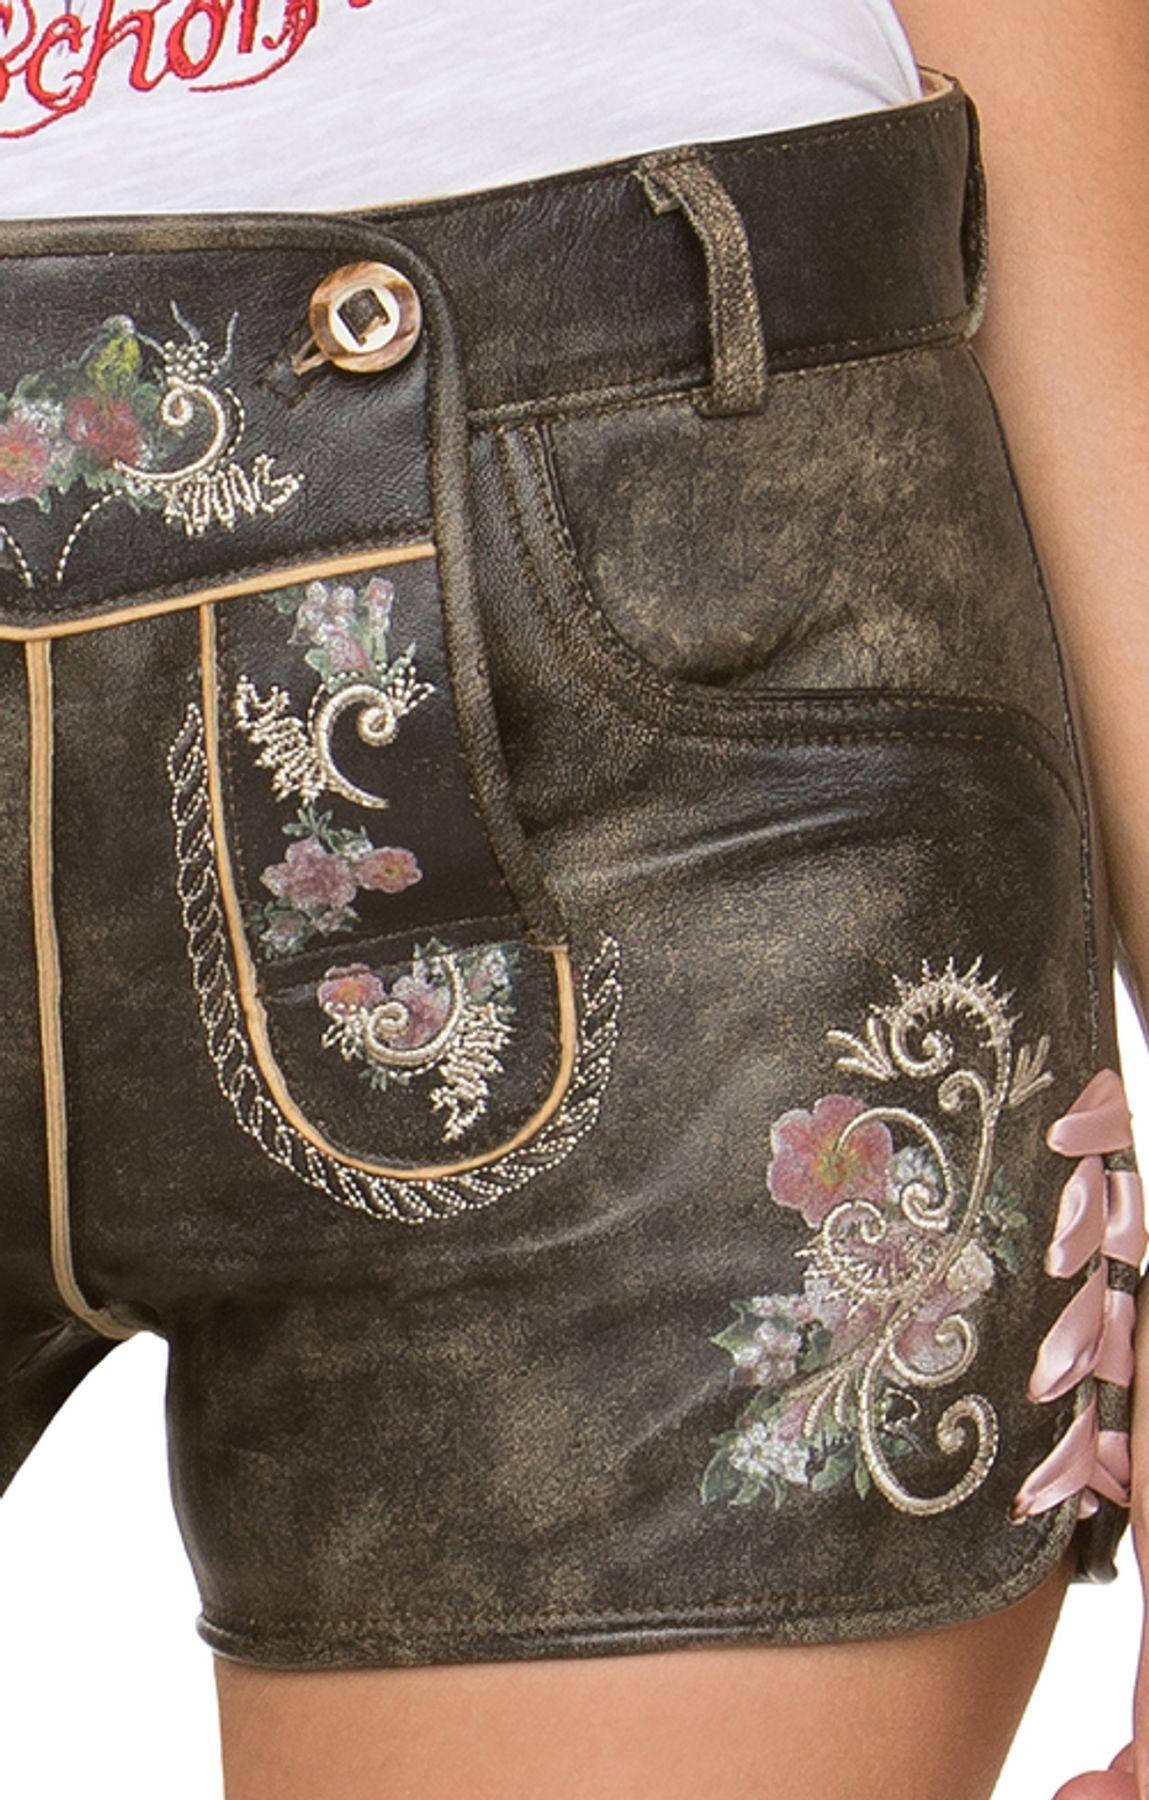 Stockerpoint - Damen Trachten Lederhose kurz, Nera – Bild 4